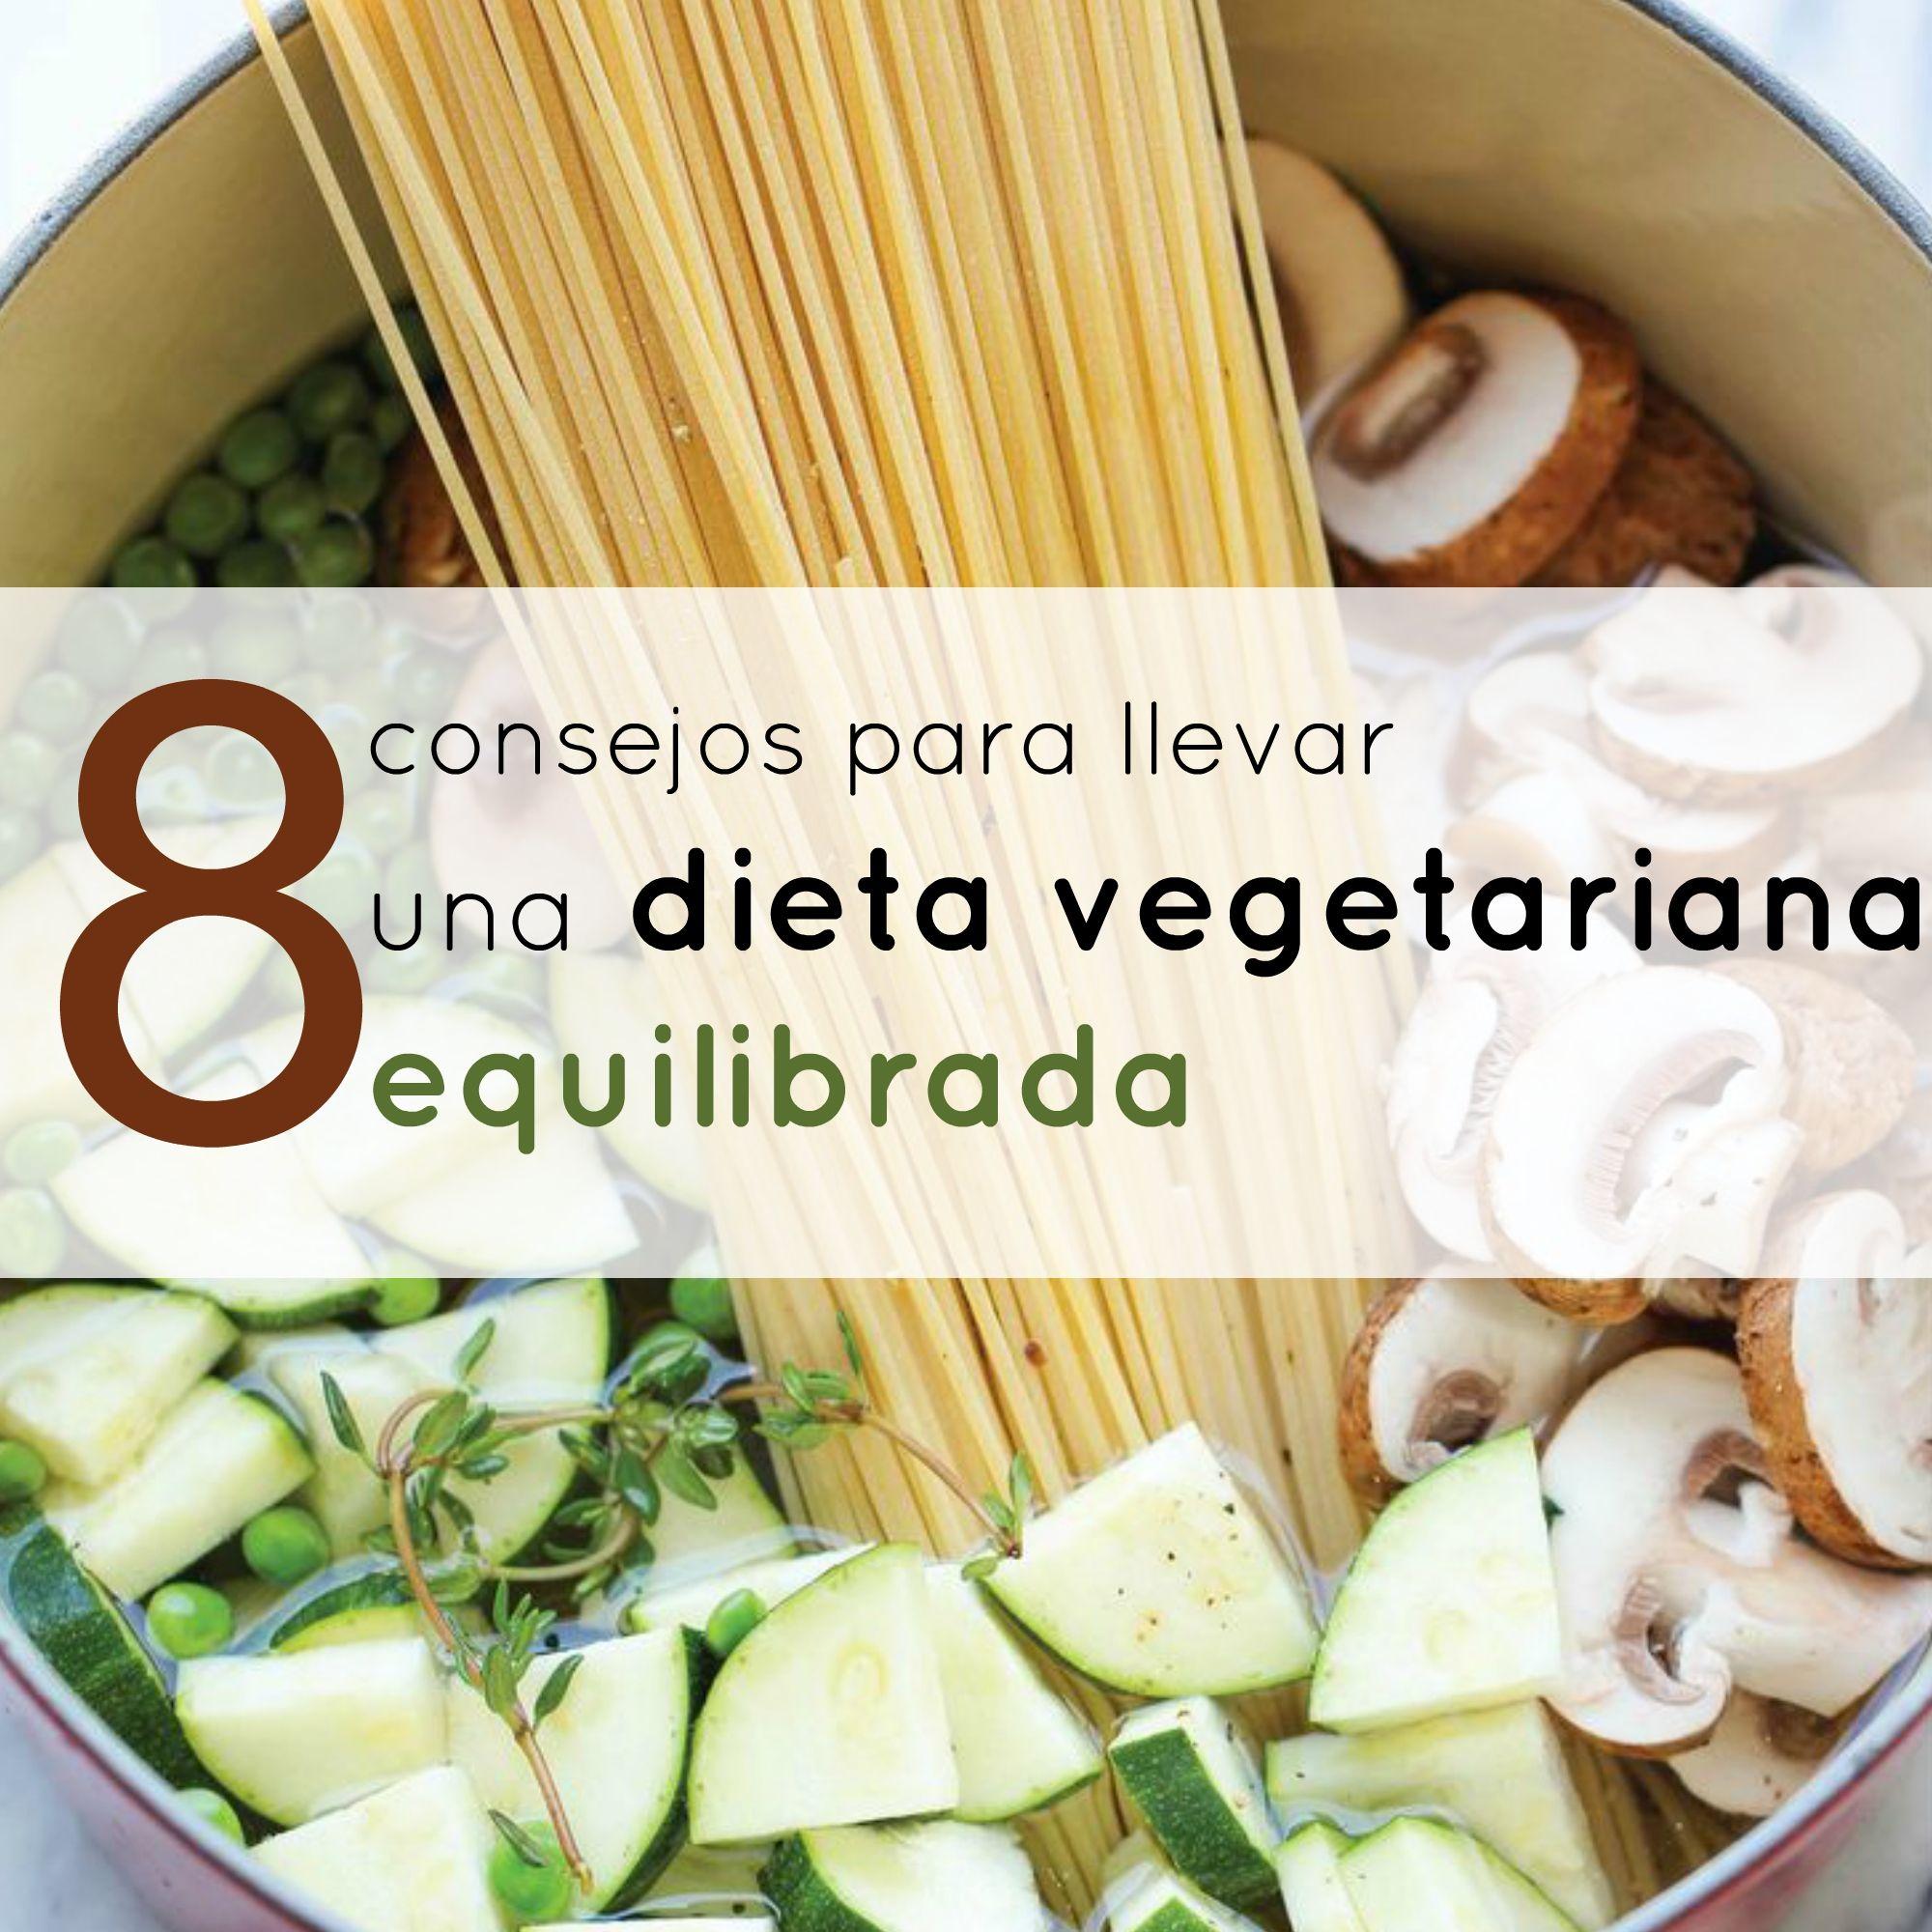 Tener una dieta equilibrada es posible siendo vegetariano pero es muy importante que sigas una serie de recomendaciones que hoy te traemos en las que la comida vegetariana seguirá siendo la protagonista de tus menús.